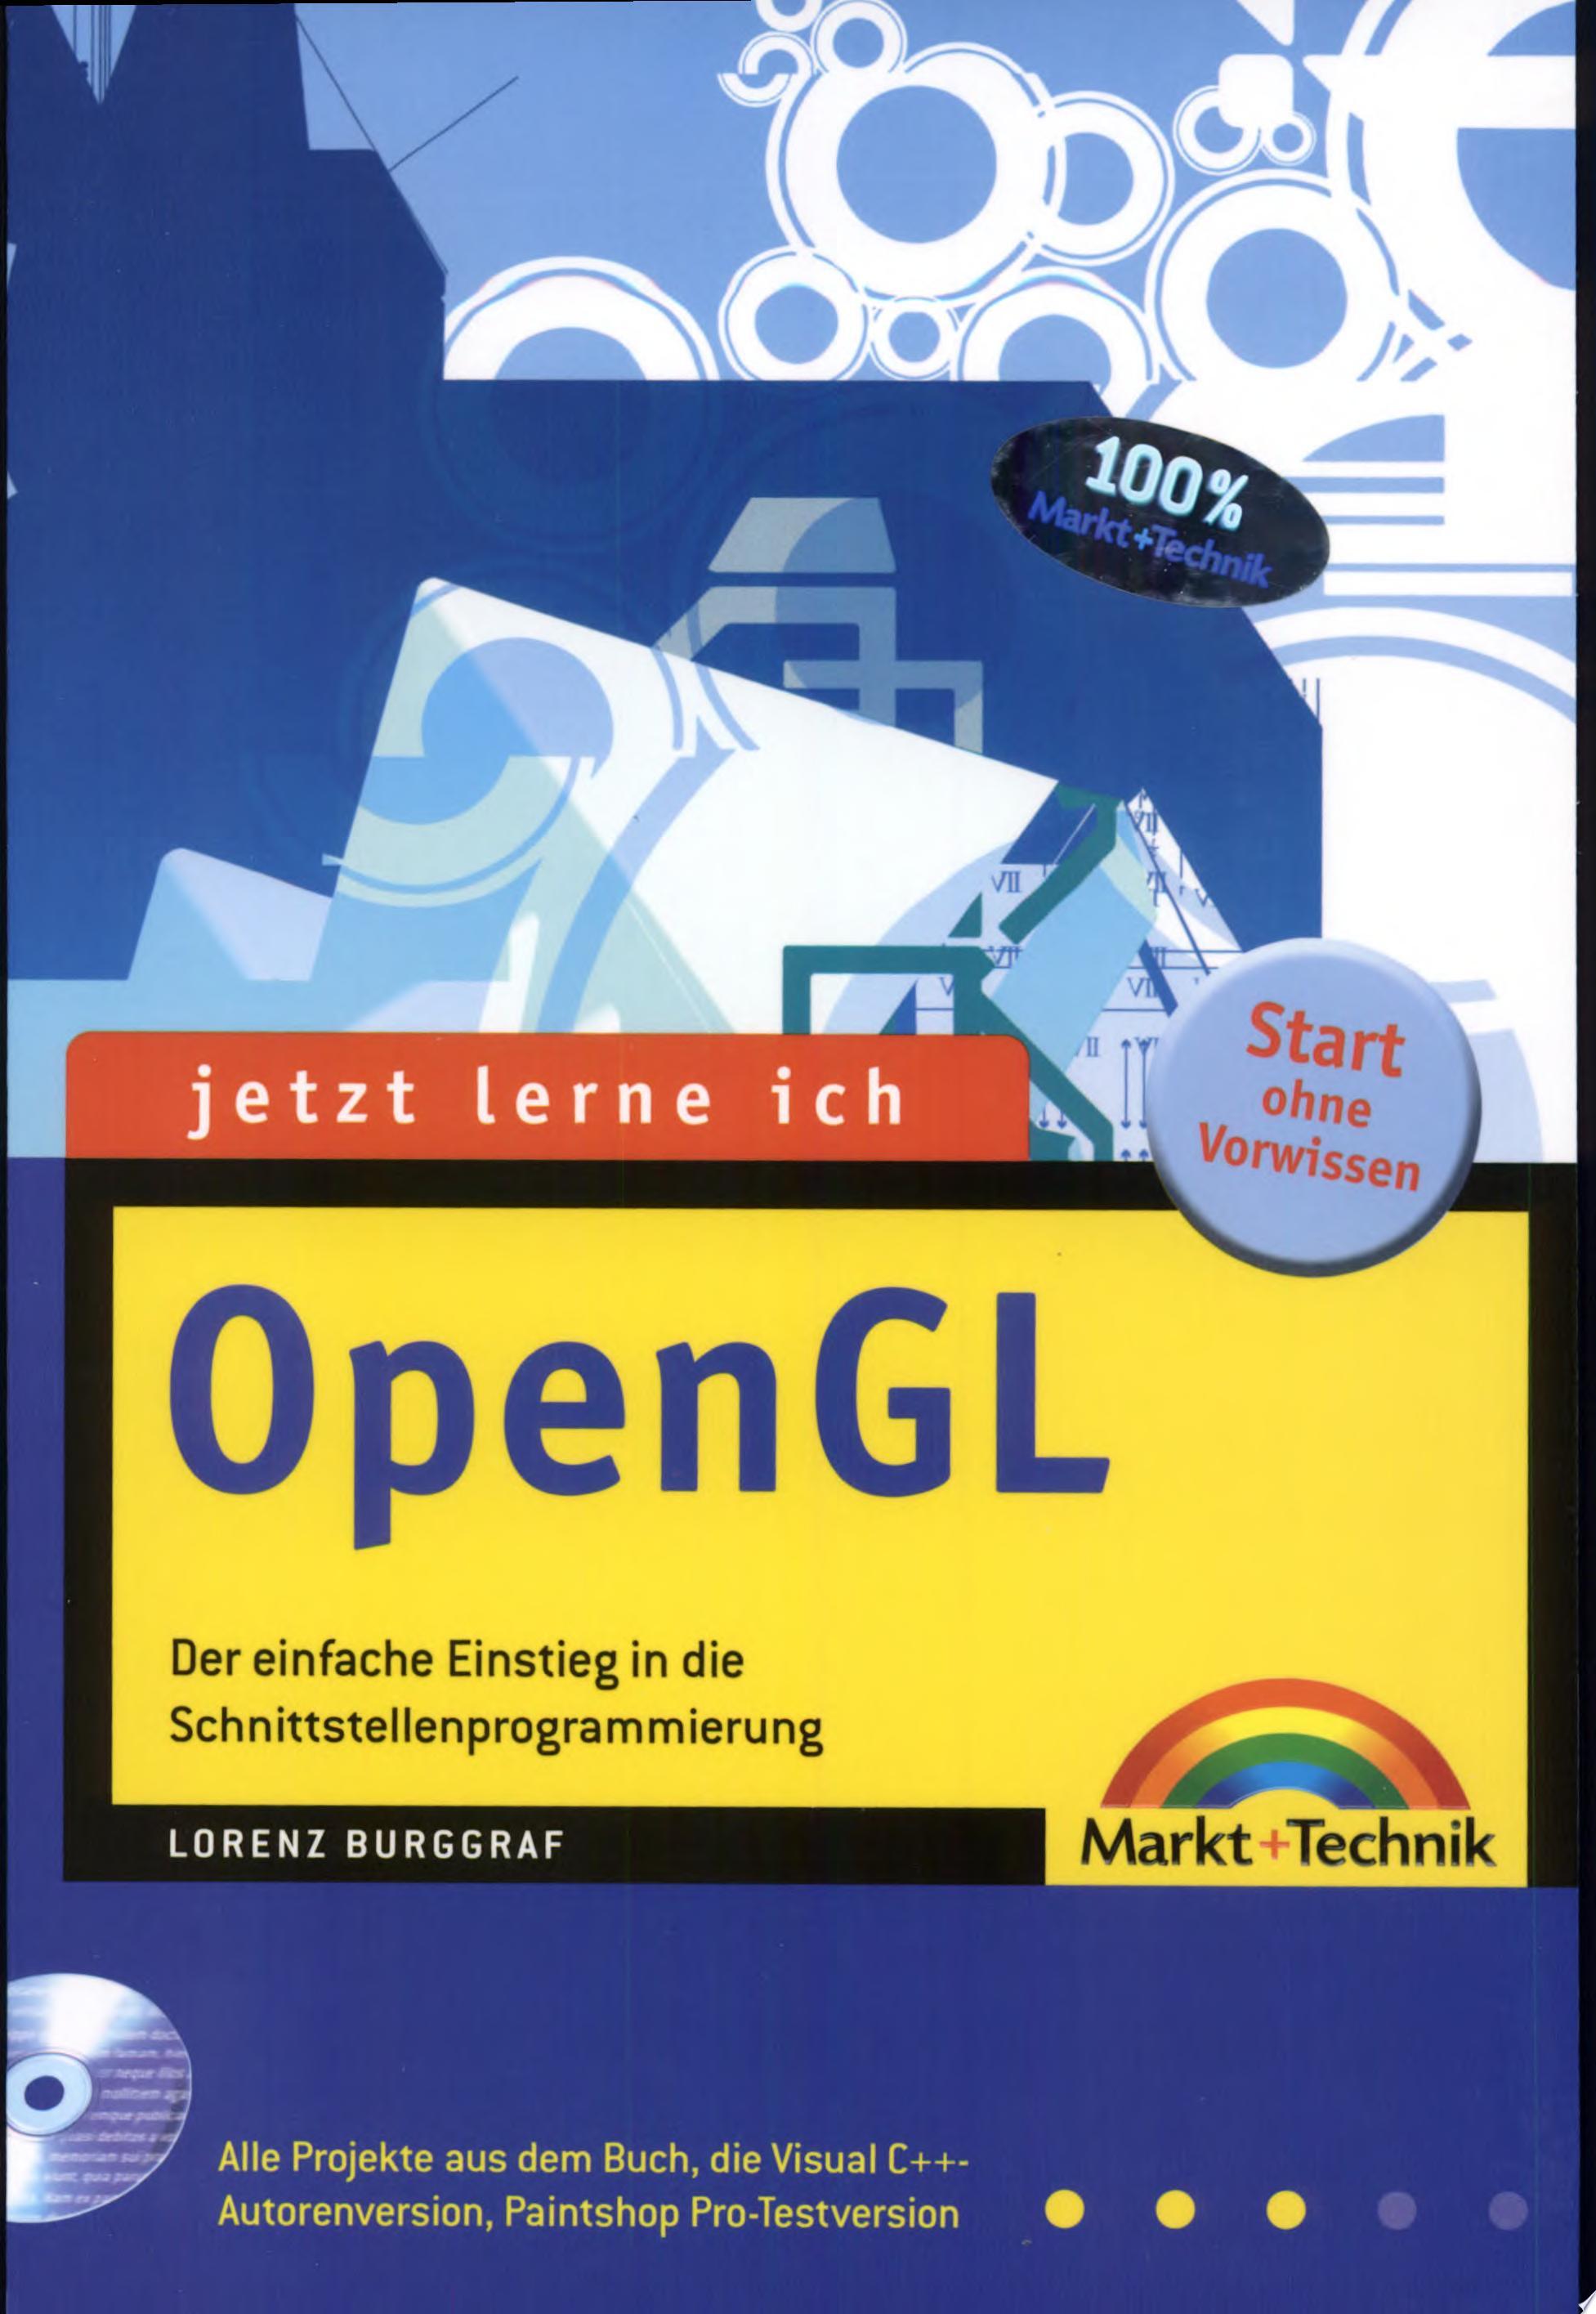 Jetzt lerne ich OpenGL